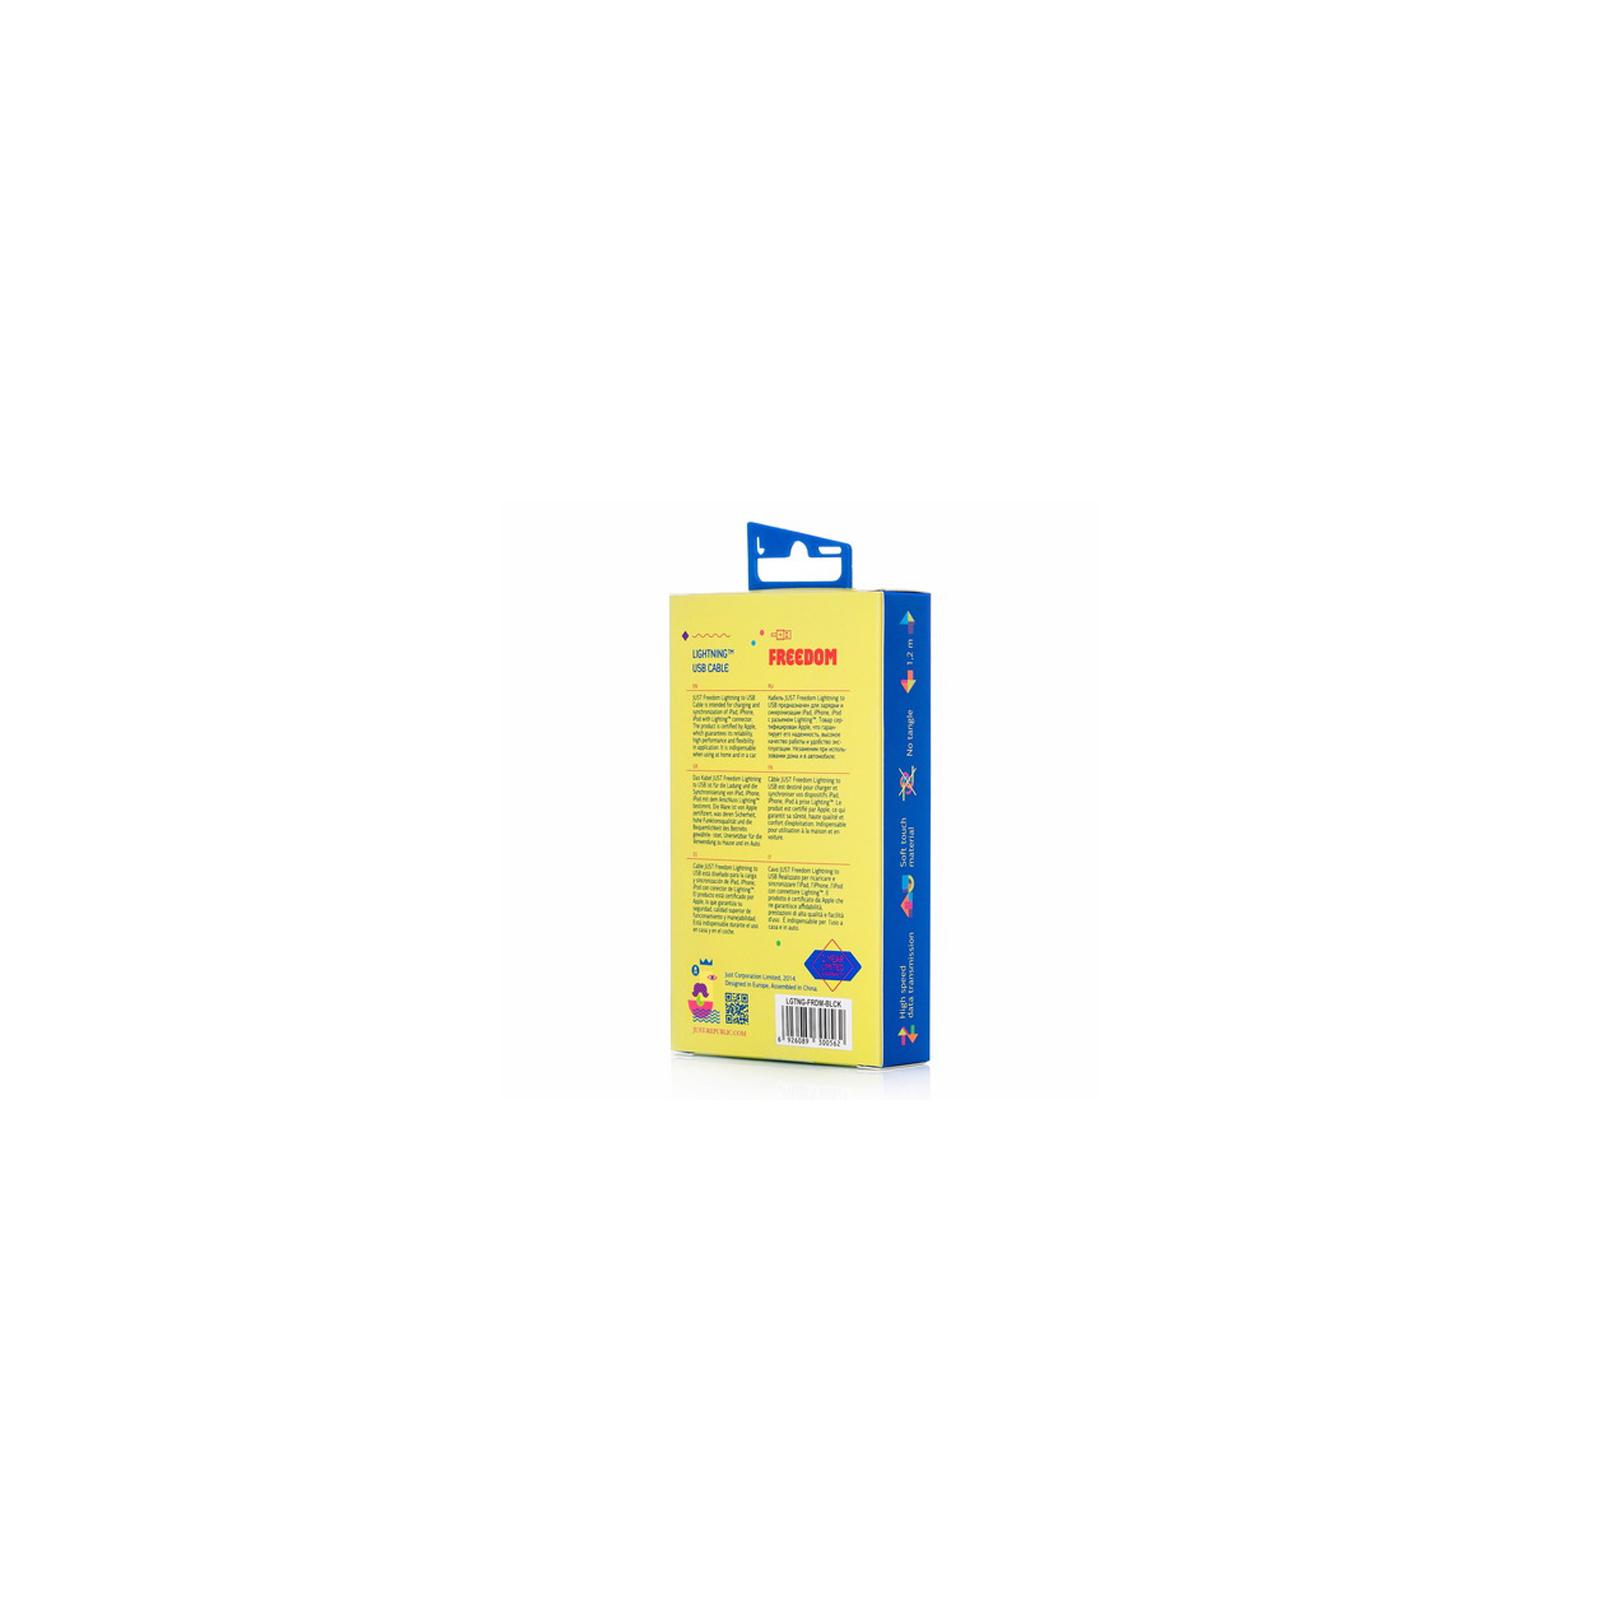 Дата кабель JUST Freedom Lightning USB Cable Black (LGTNG-FRDM-BLCK) изображение 4